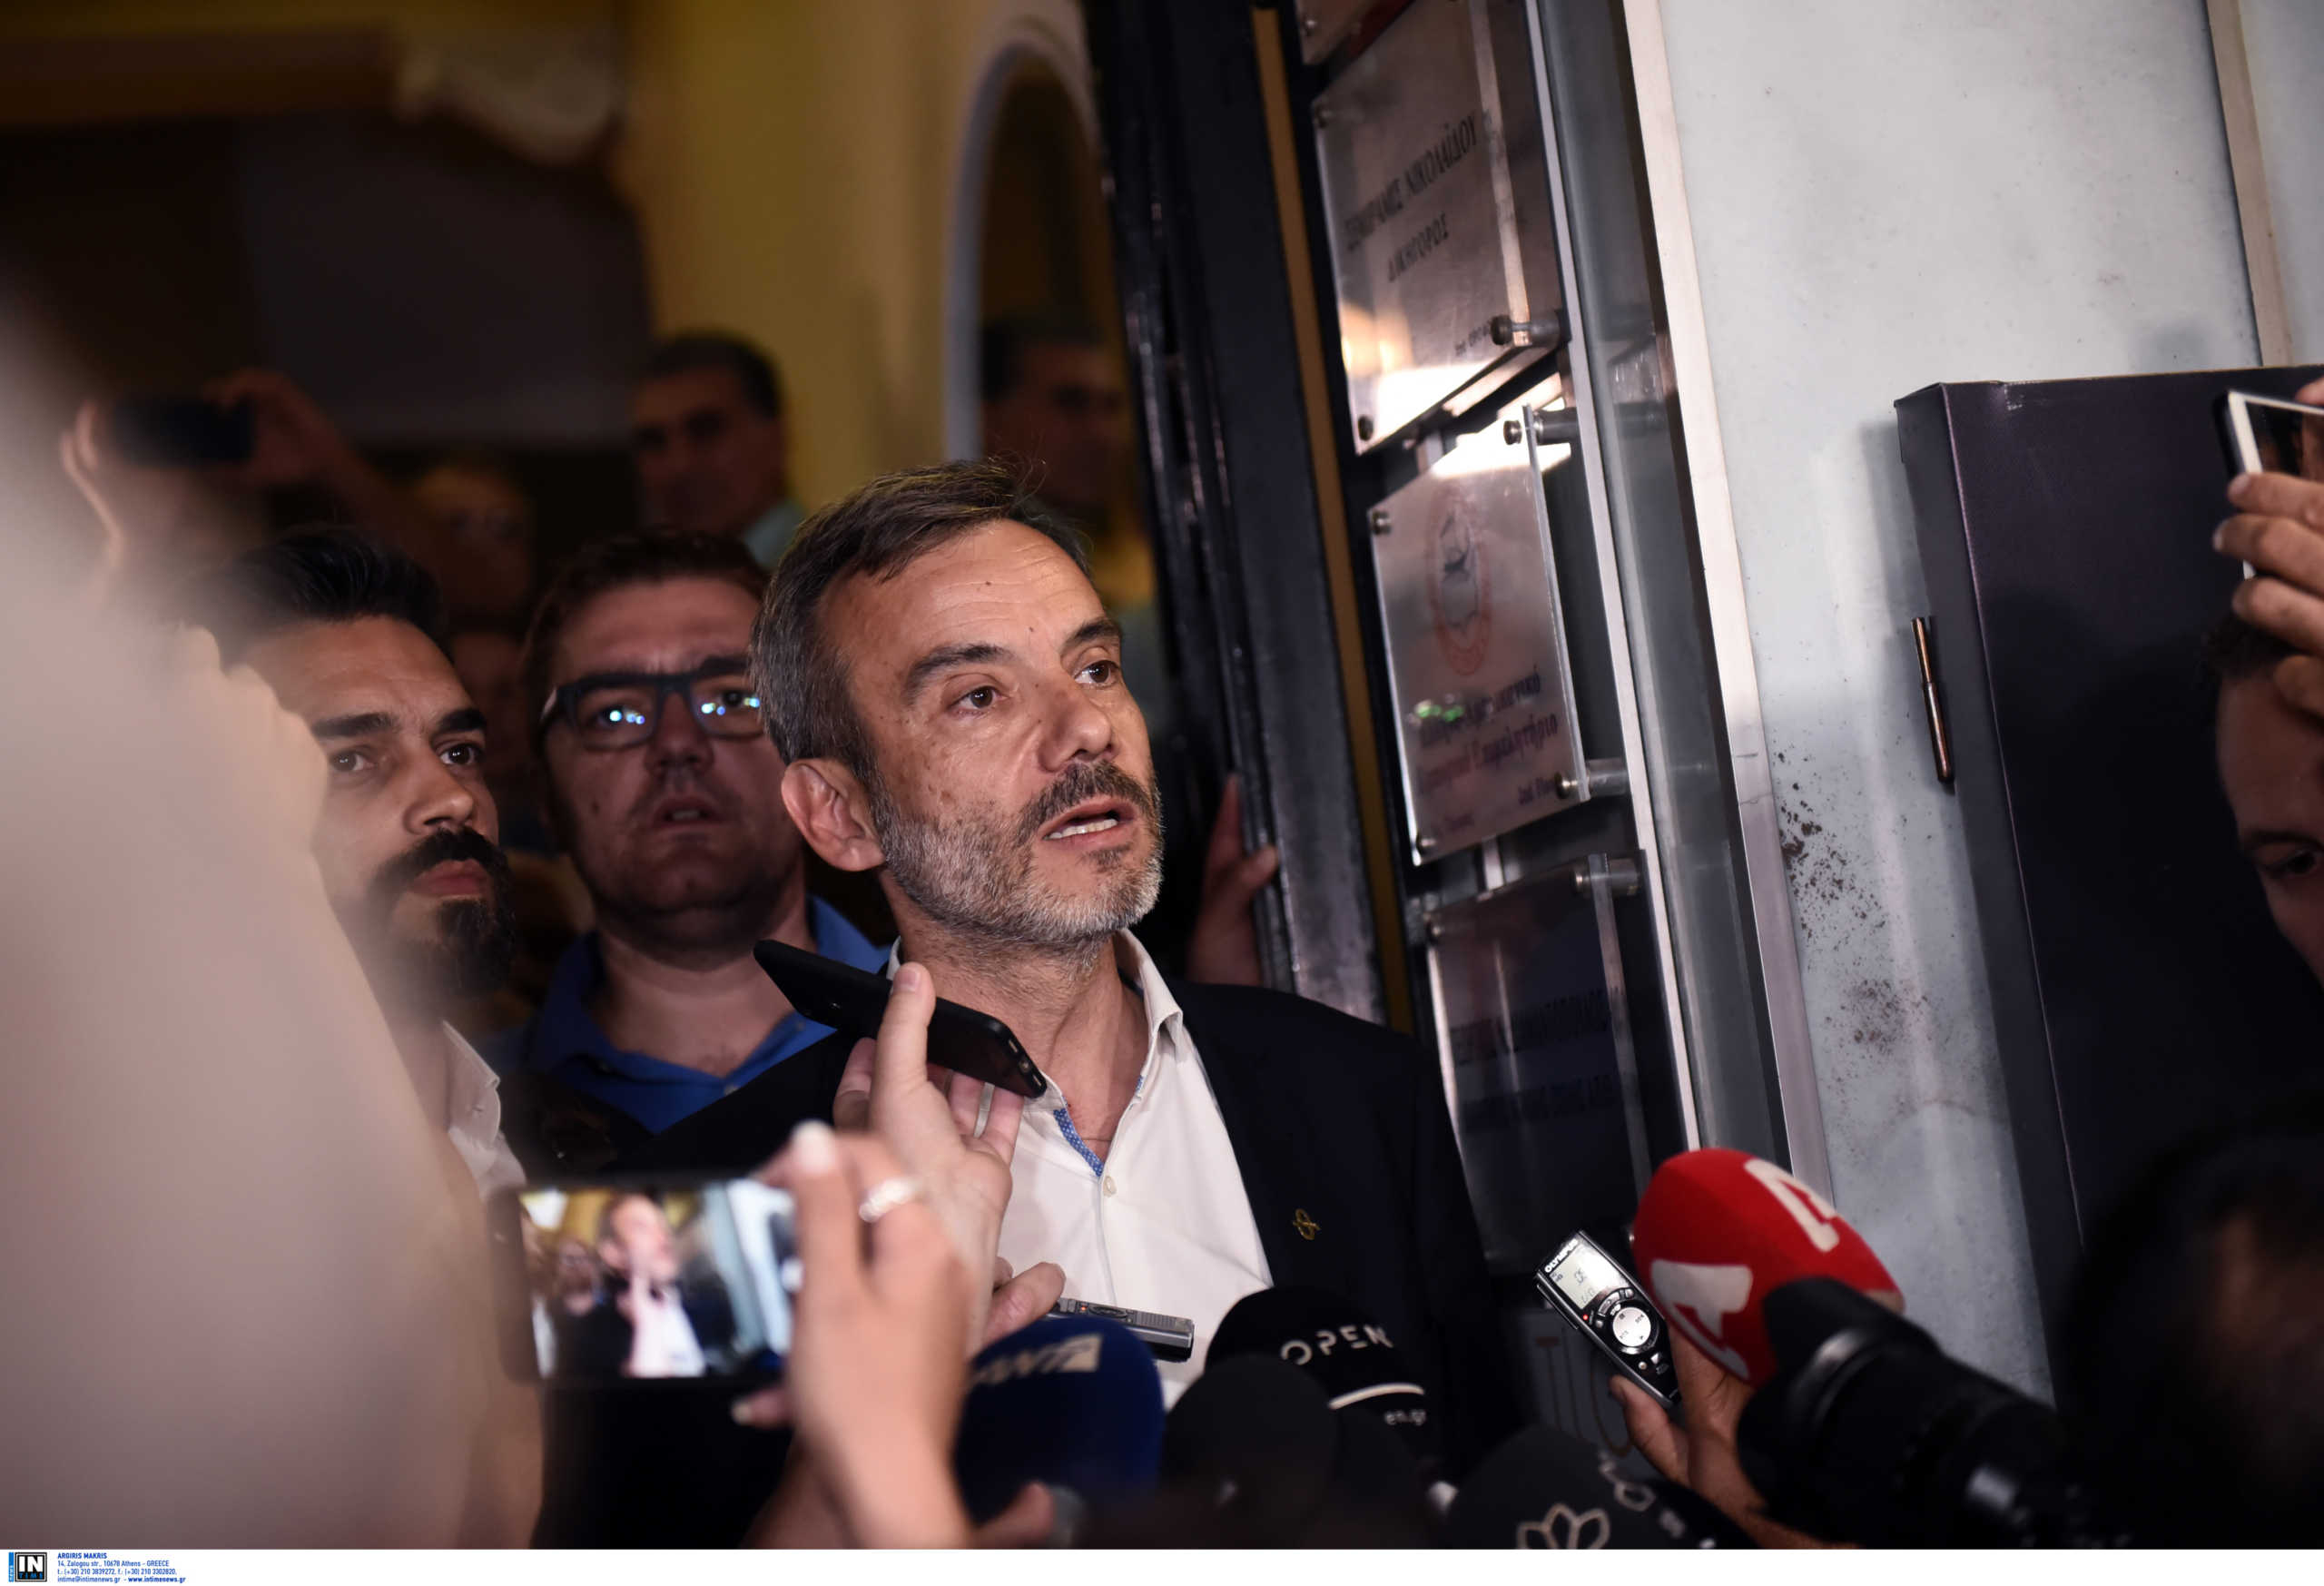 «Χοντραίνει» το θέμα στο δήμο Θεσσαλονίκης: Αναστέλλεται η κομματική ιδιότητα των Ακριτίδου και Τσαβλή